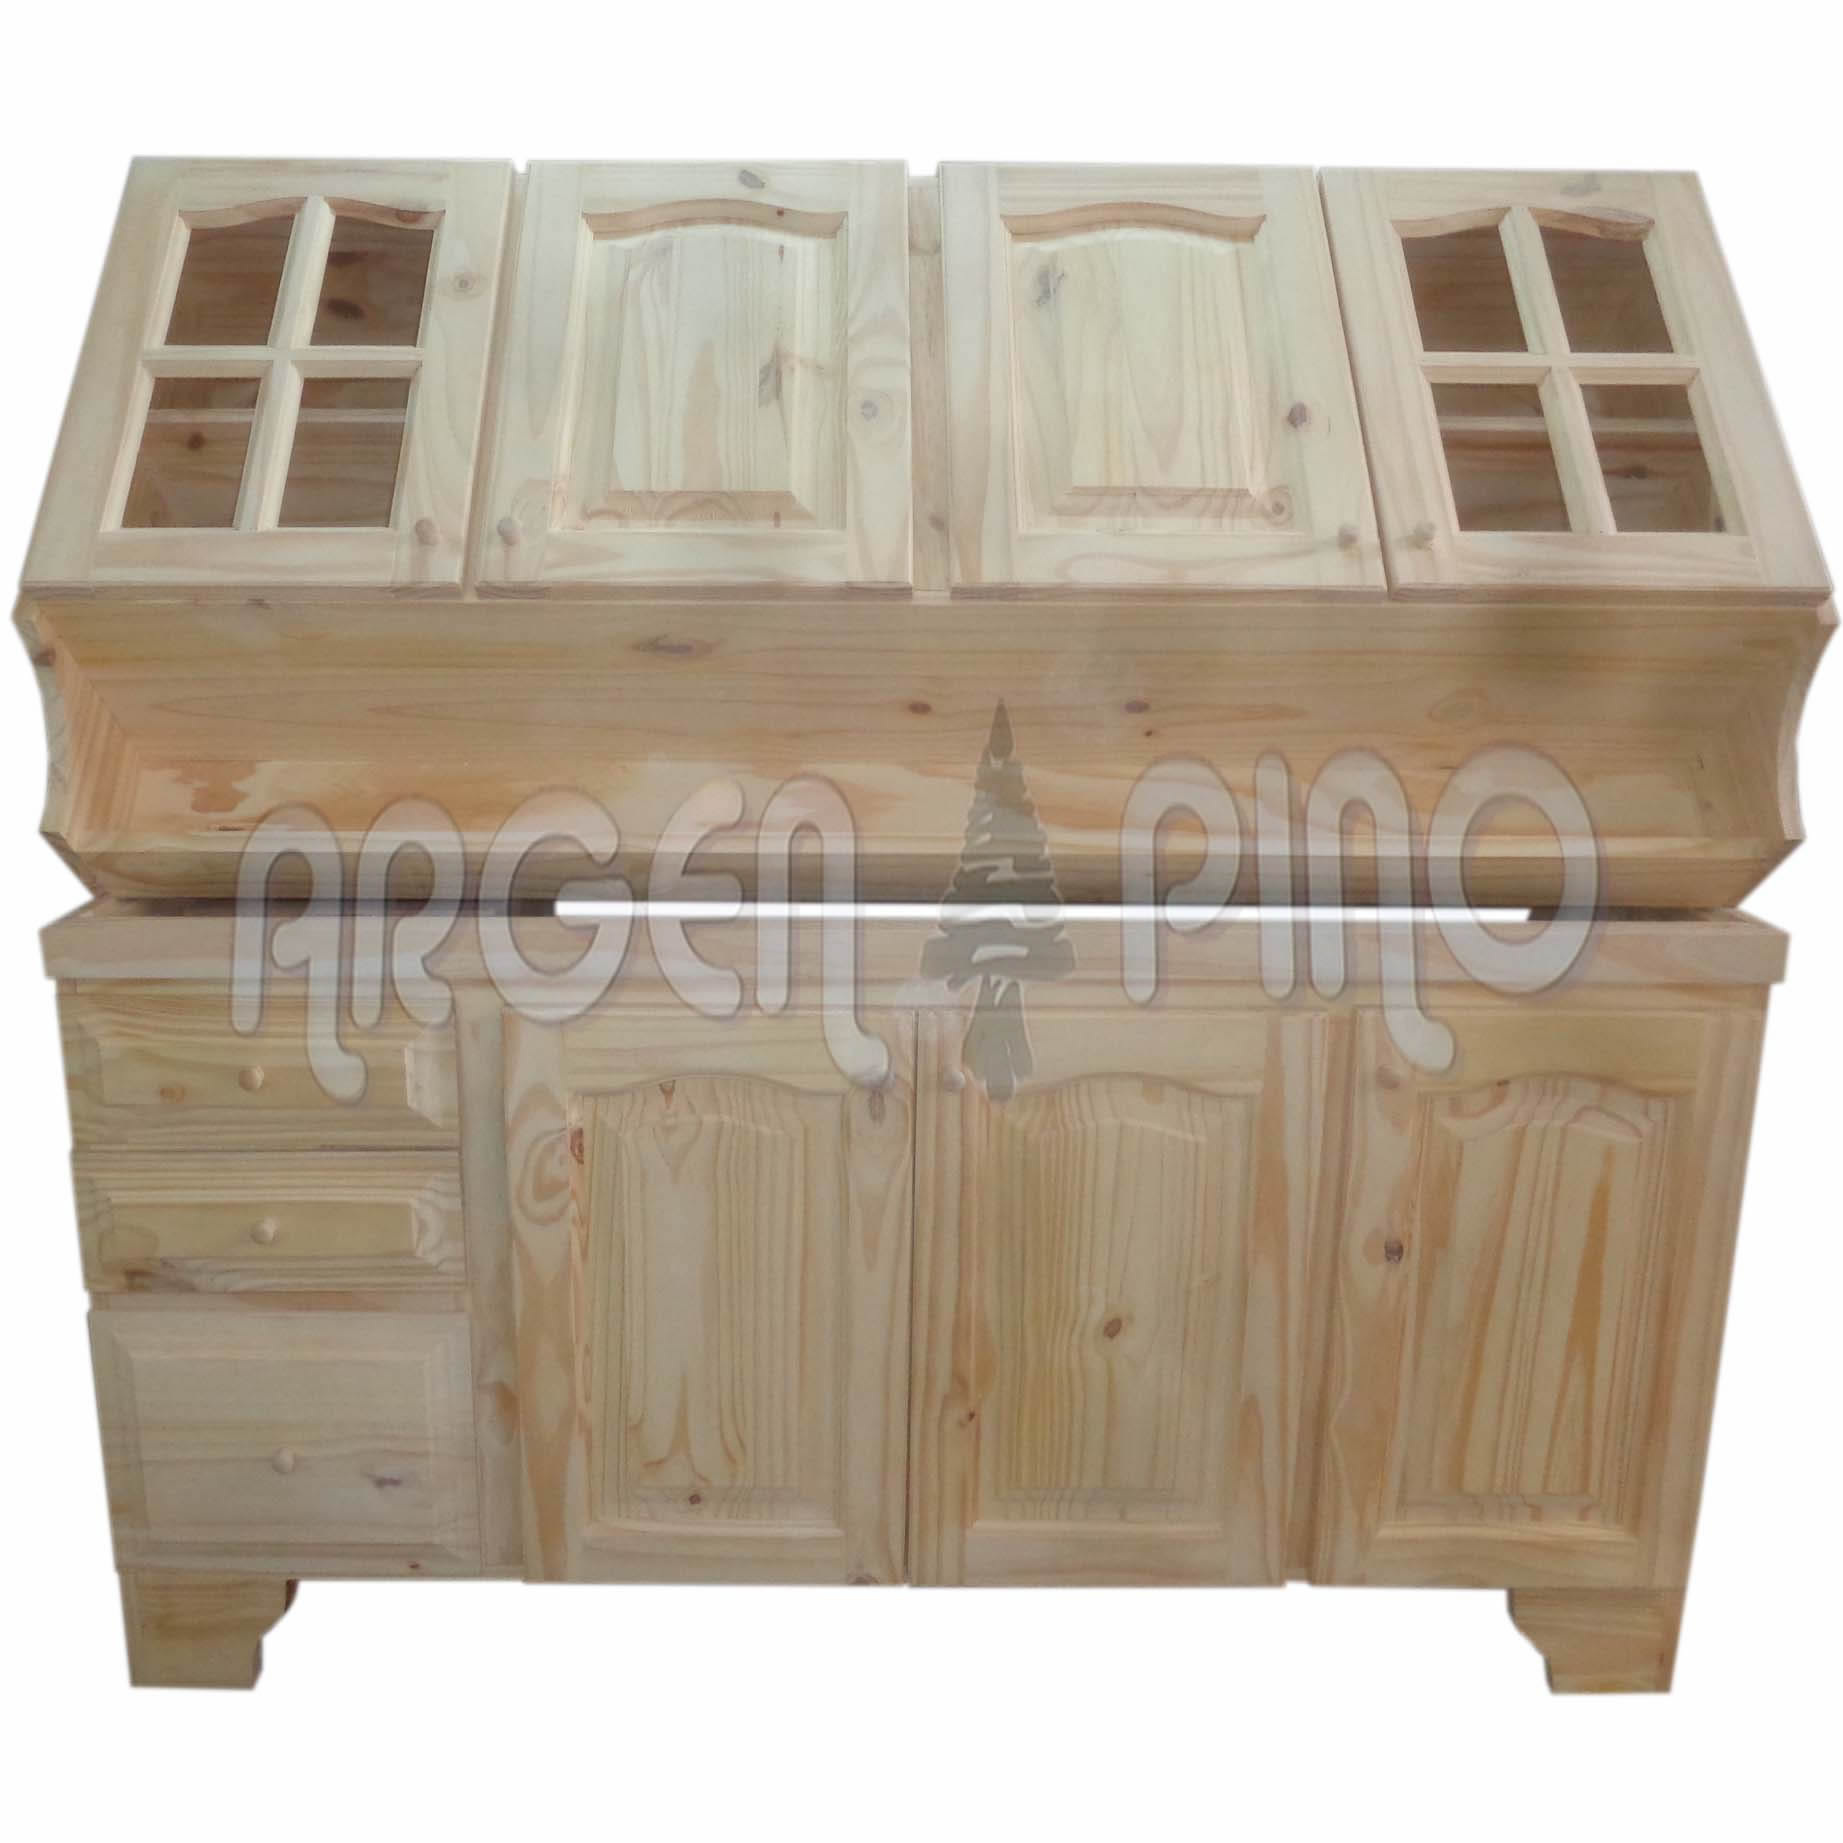 ArgenPino | Fabrica de muebles en madera de pino